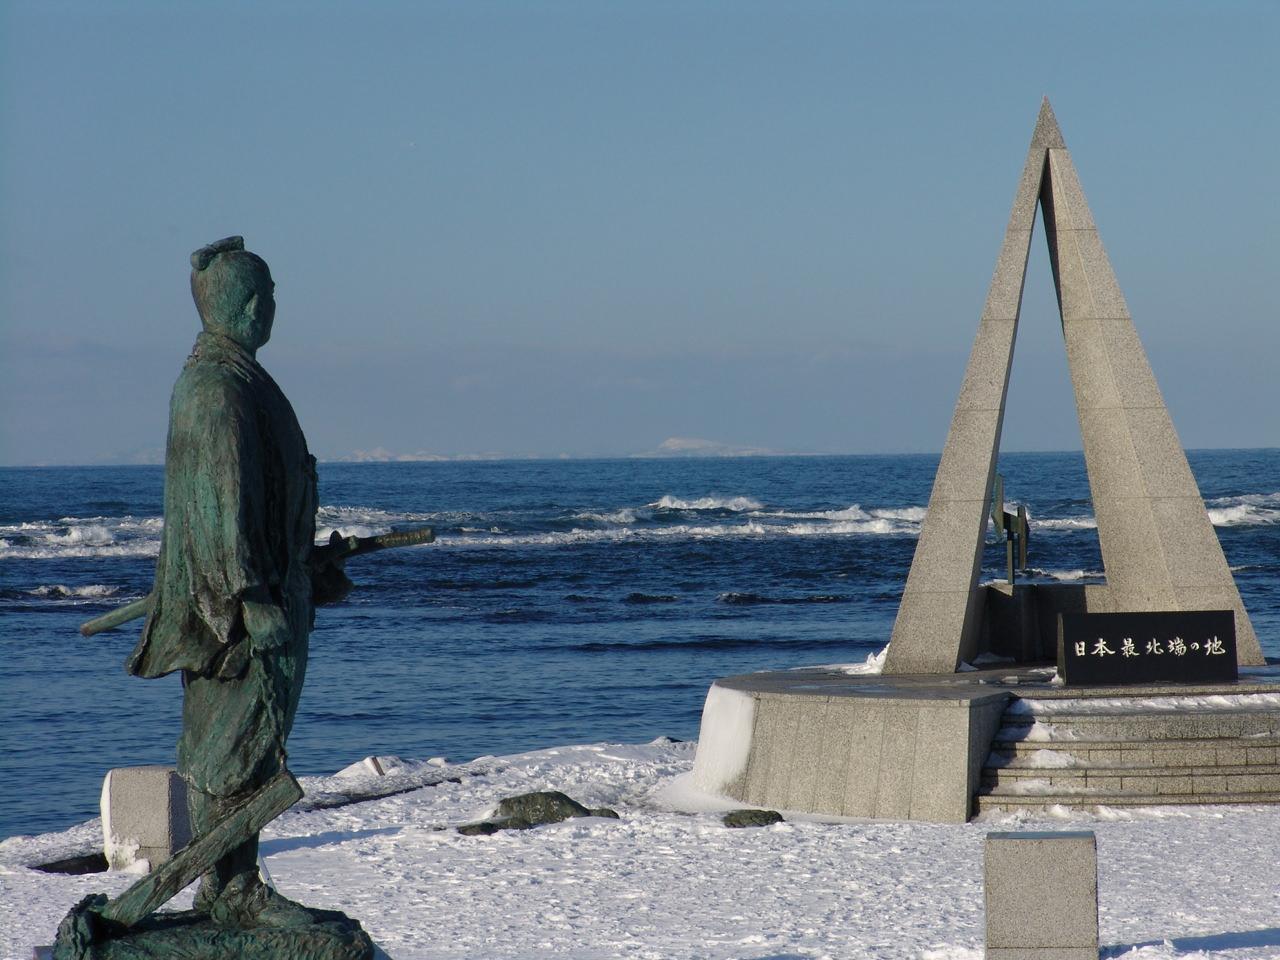 宗谷岬の観光と合わせて行きたい観光スポット3選